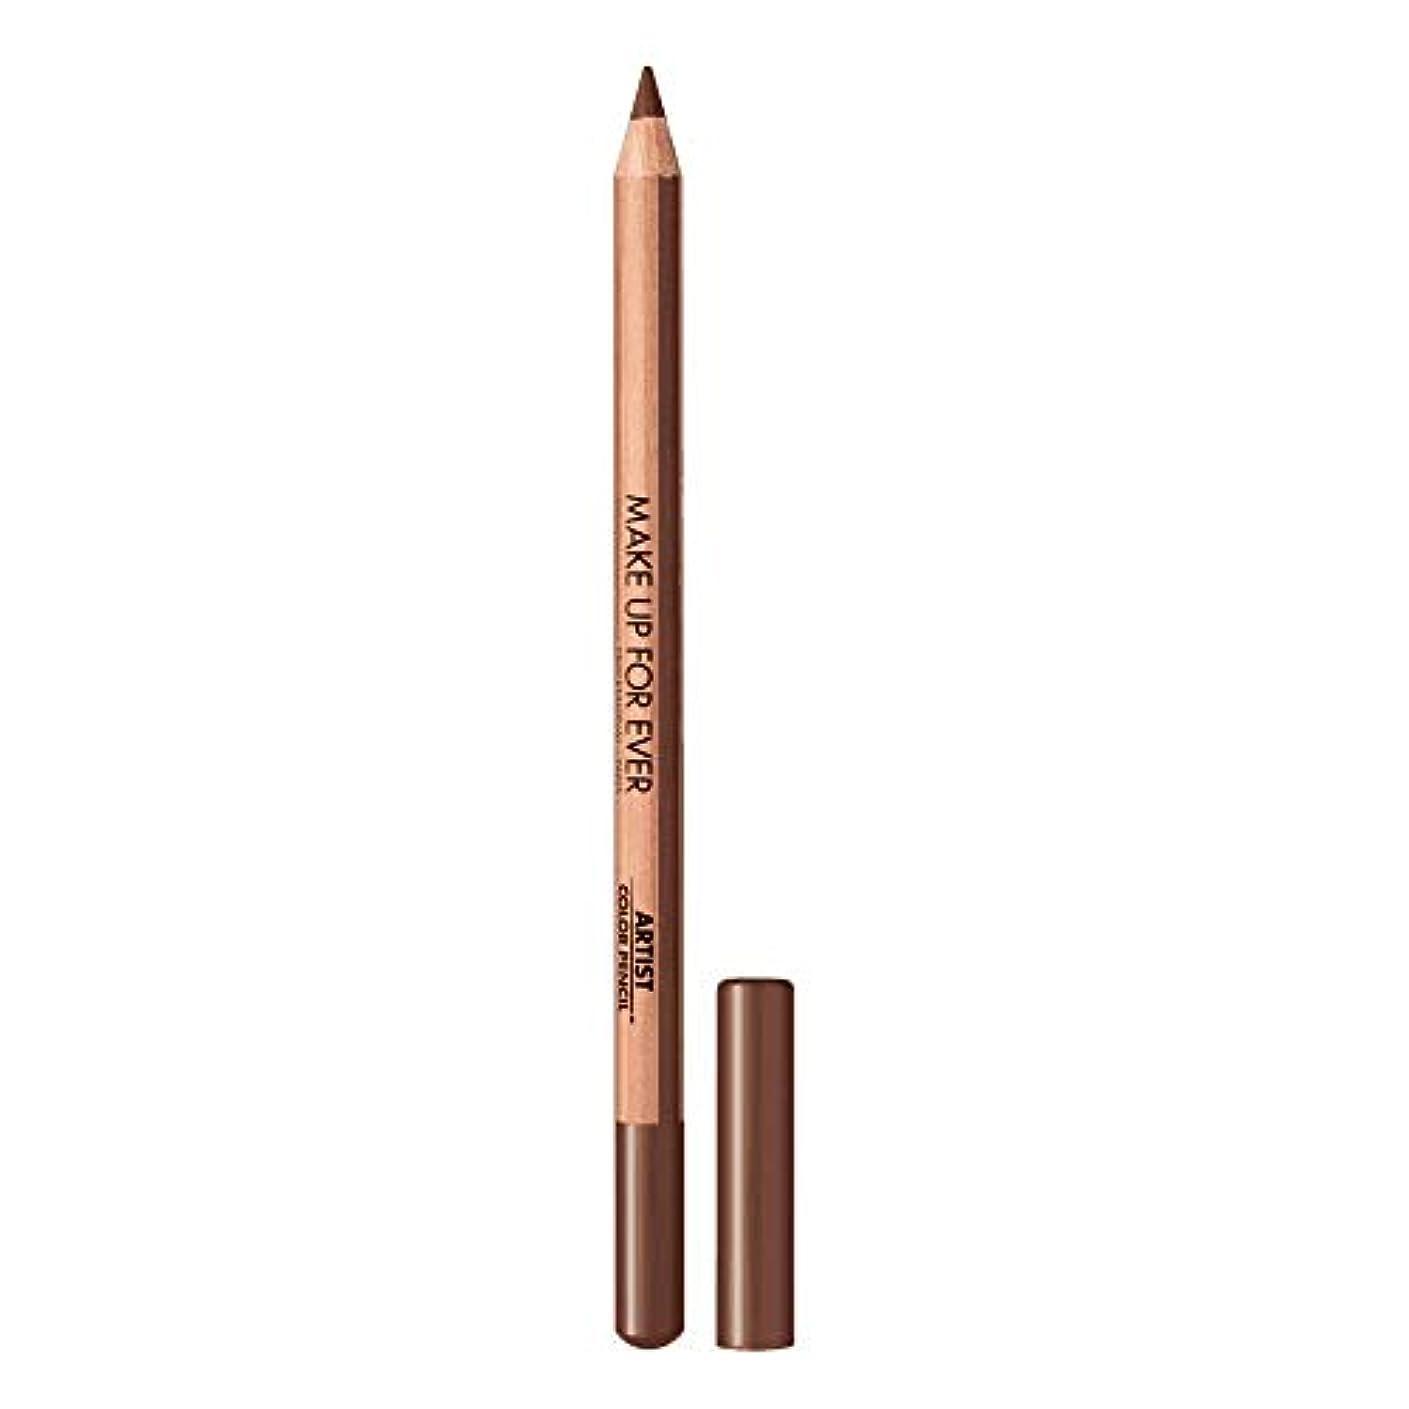 キャメルシリアルマトンメイクアップフォーエバー Artist Color Pencil - # 608 Limitless Brown 1.41g/0.04oz並行輸入品